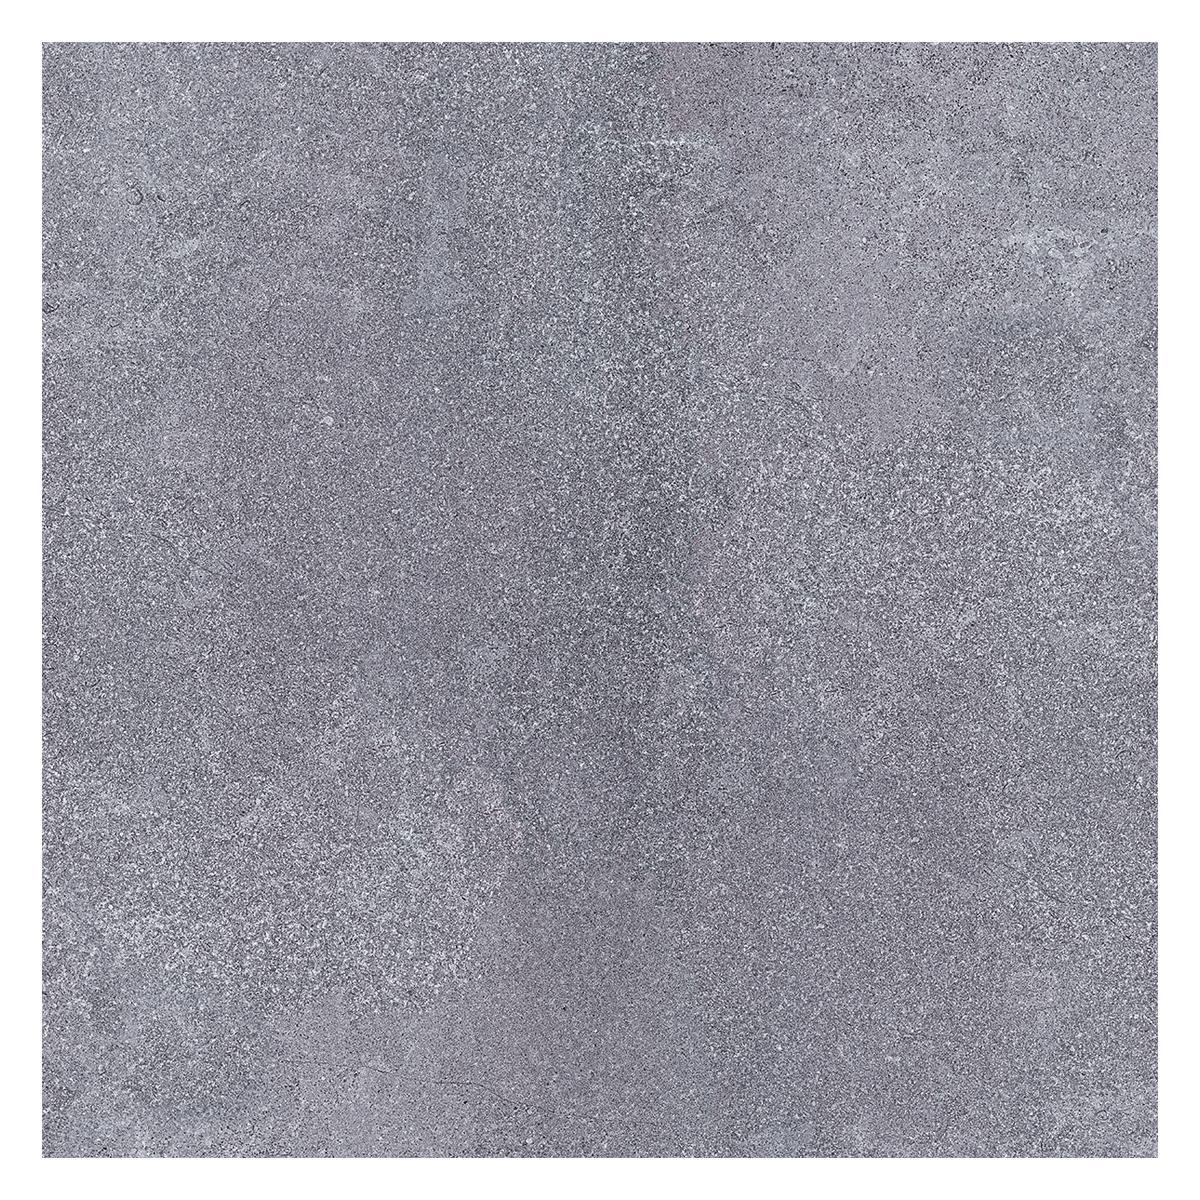 Porcelanato ALiza Negro Mate - 90X90 cm - 1.62 m2